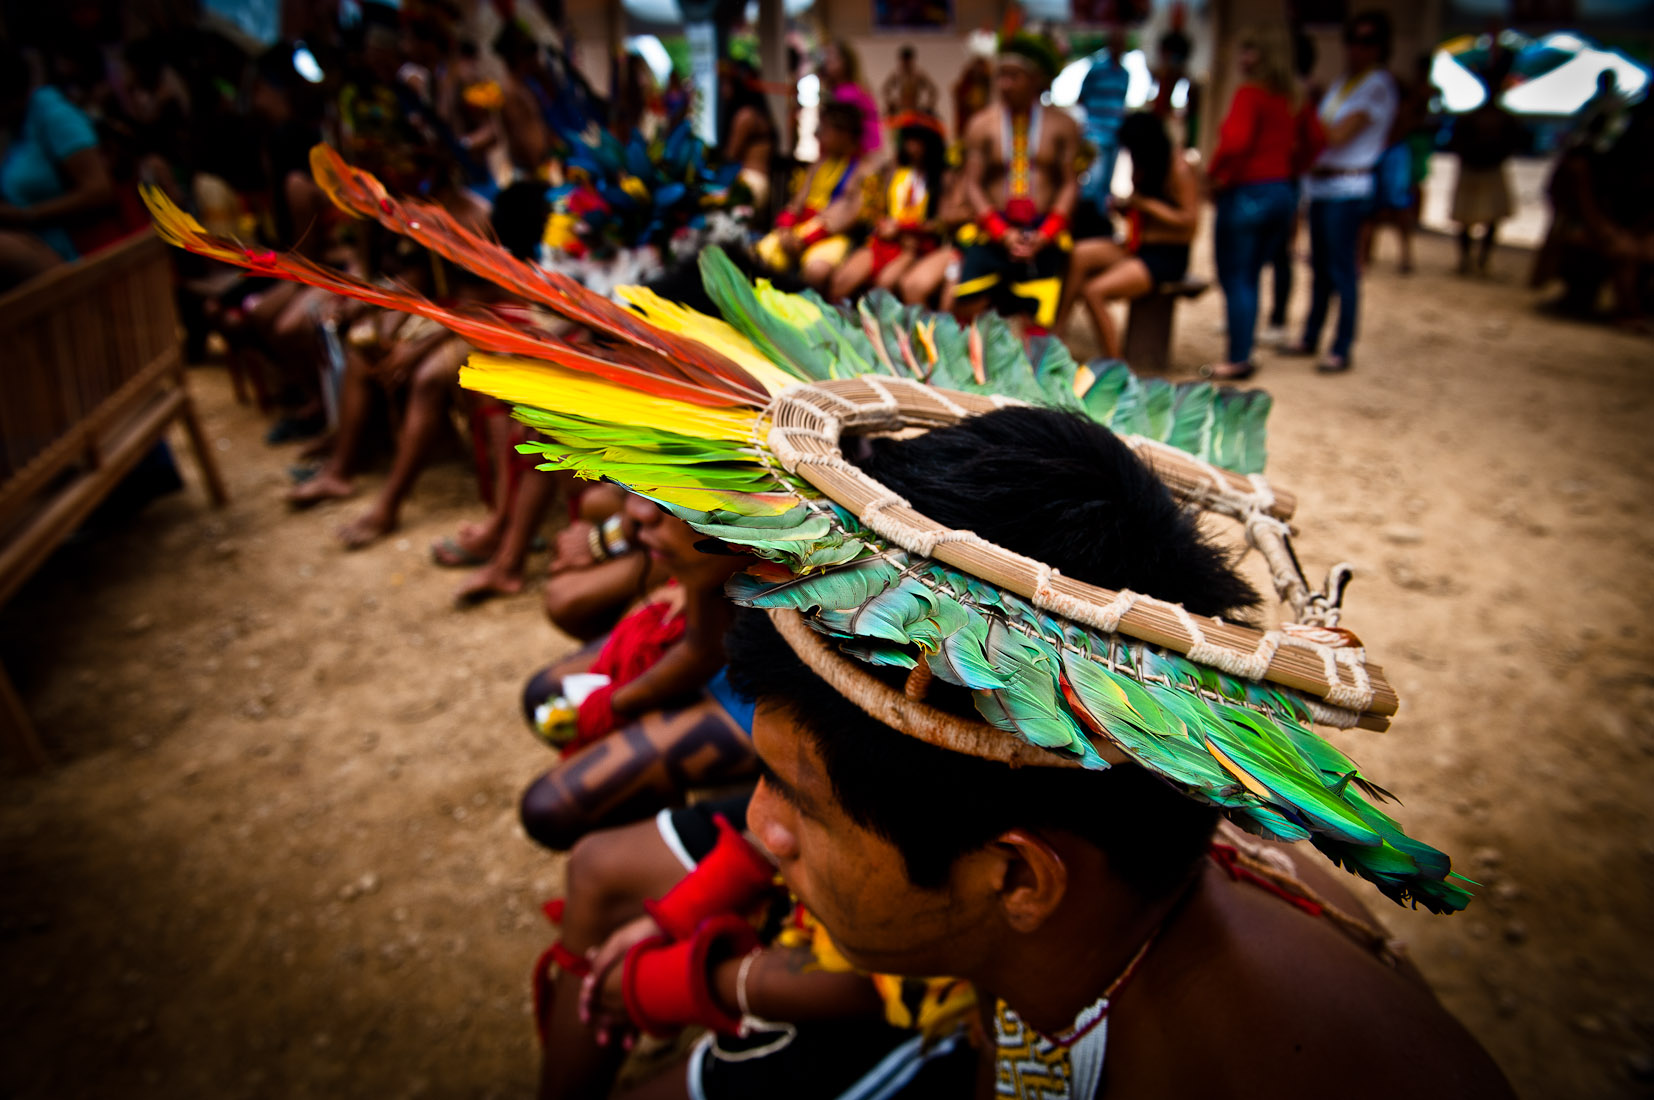 86% contra a autorização de garimpo em territórios reservados aos povos tradicionais. As lideranças indígenas tiveram maior percentual de aprovação na sua atuação em relação a floresta, com uma avaliação positiva por 73% da população